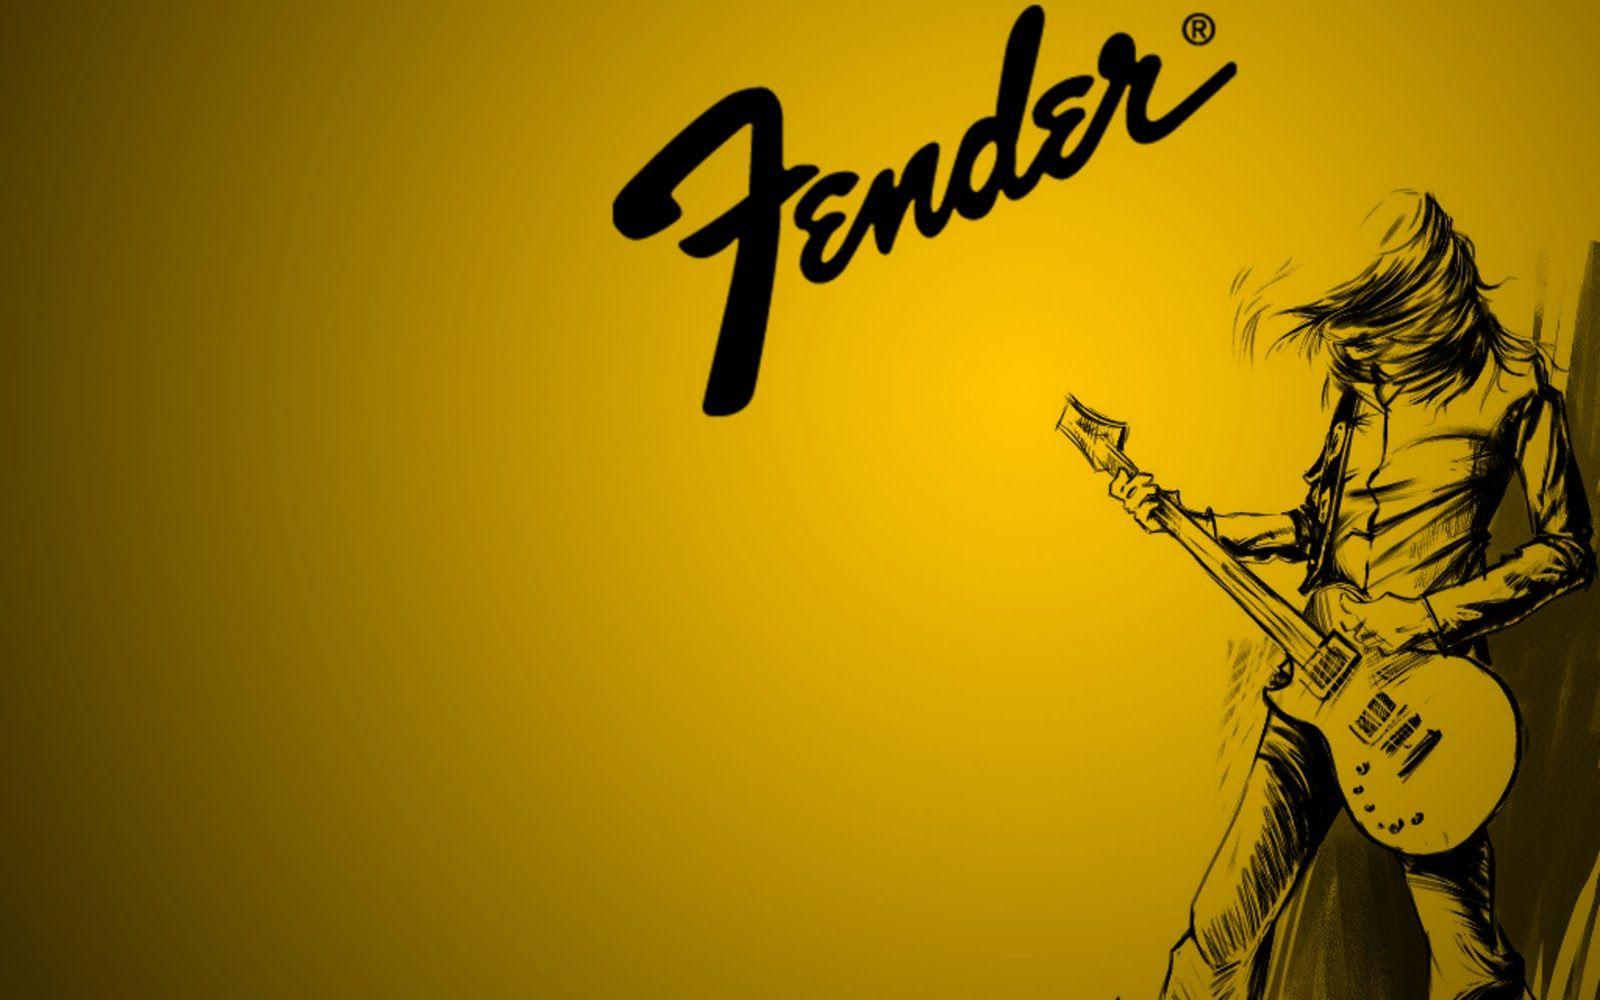 Fender Guitar Yellow Wallpapers For Desktop Hd Wallpapers In Music Fender Electric Guitar Music Wallpaper Guitar Images